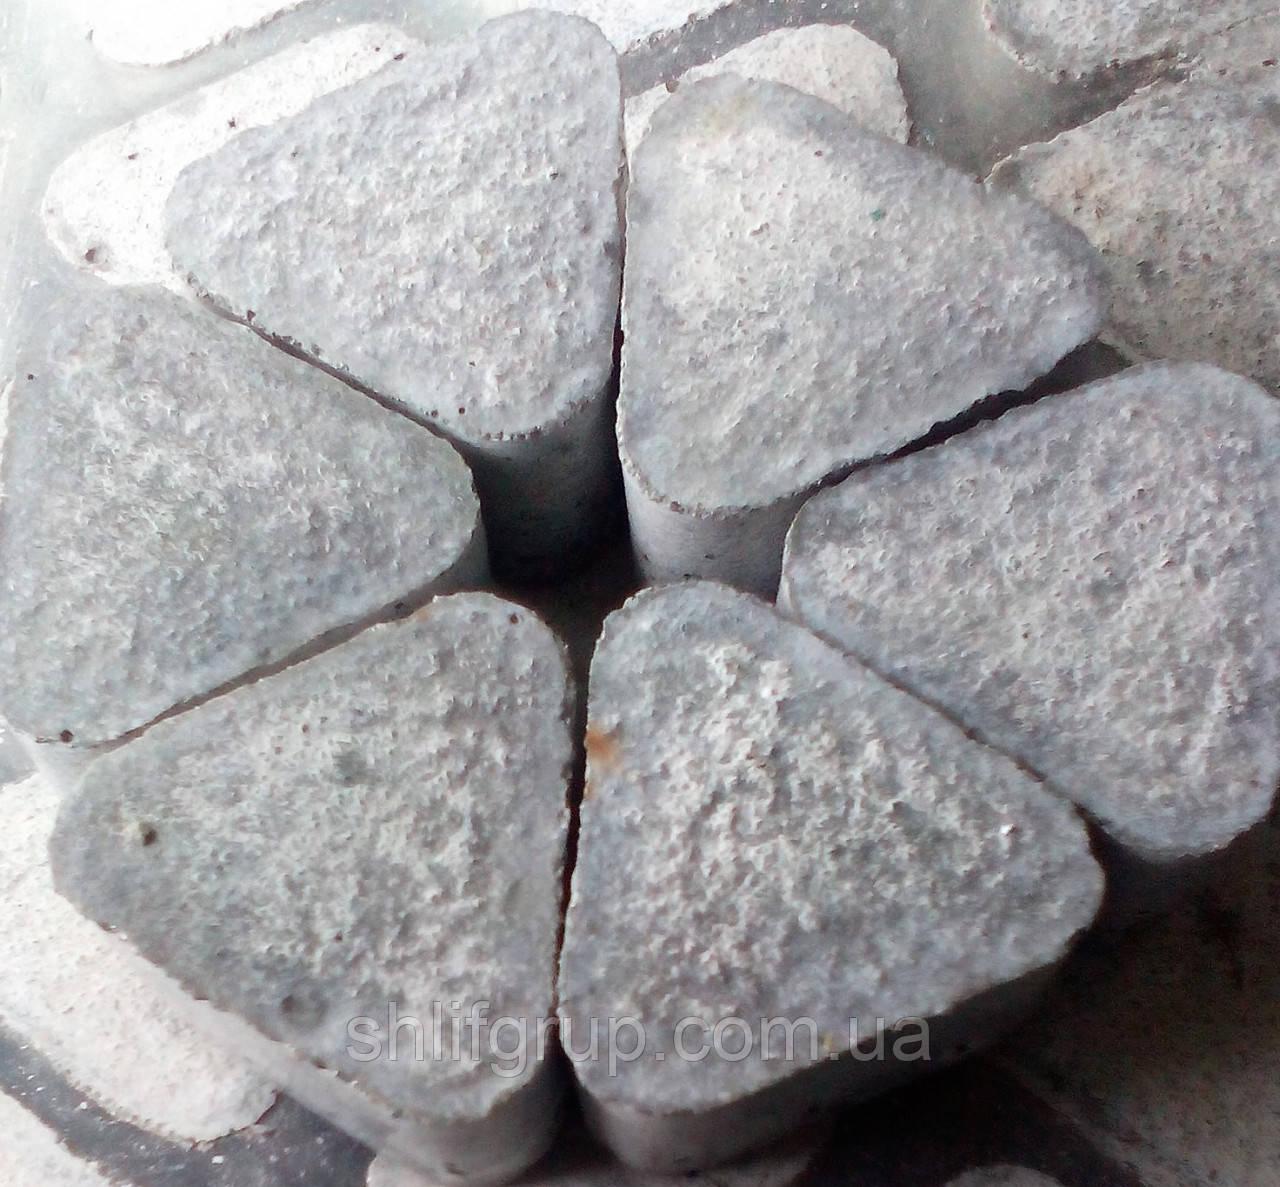 Купить шлифовальные камни по бетону кристалл торжок бетон